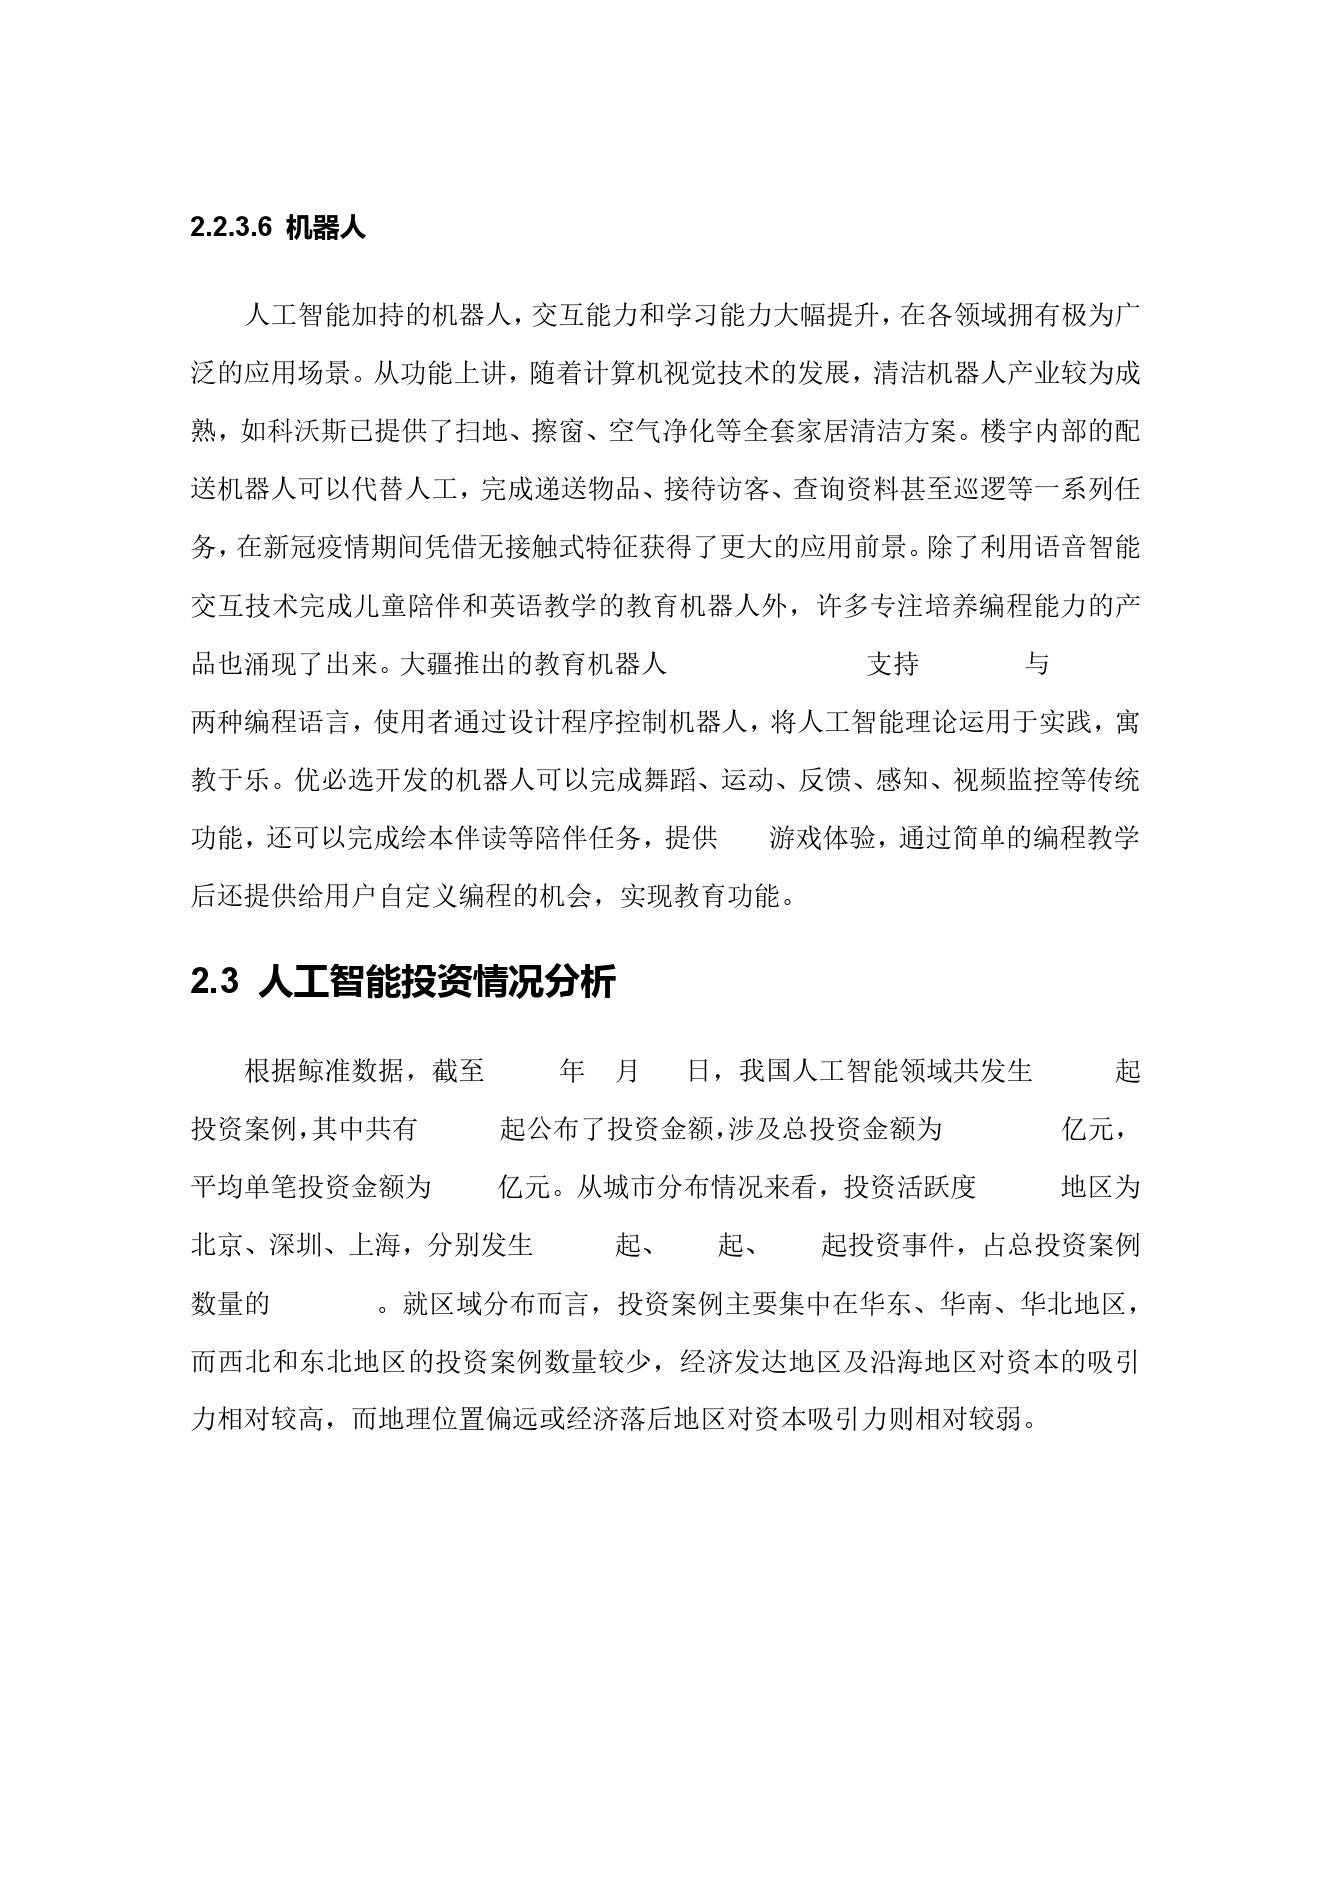 36氪研究院:2020年中国城市人工智能发展指数报告(可下载报告)插图(41)